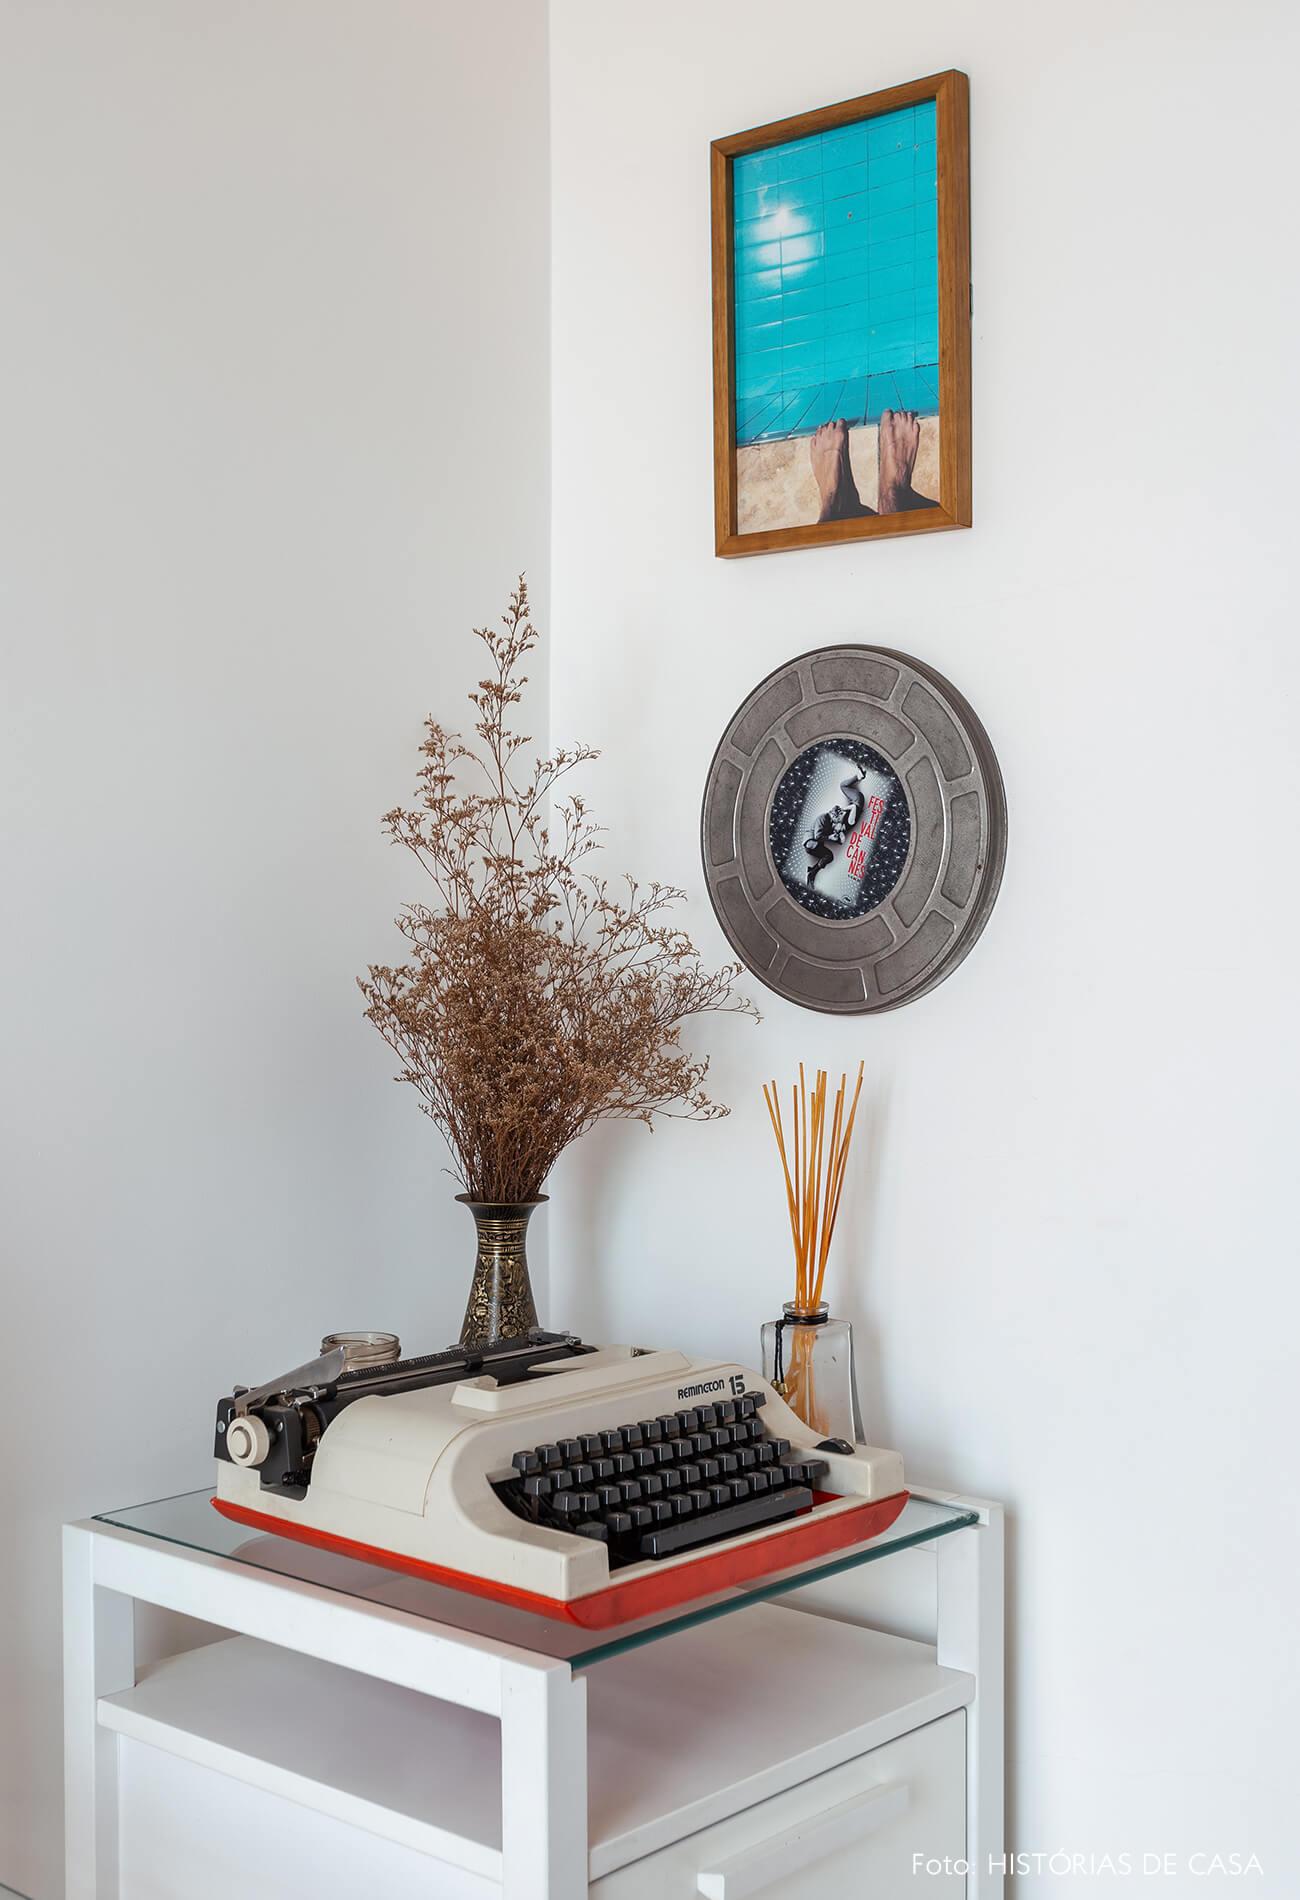 Detalhes no home office e máquina de escrever antiga